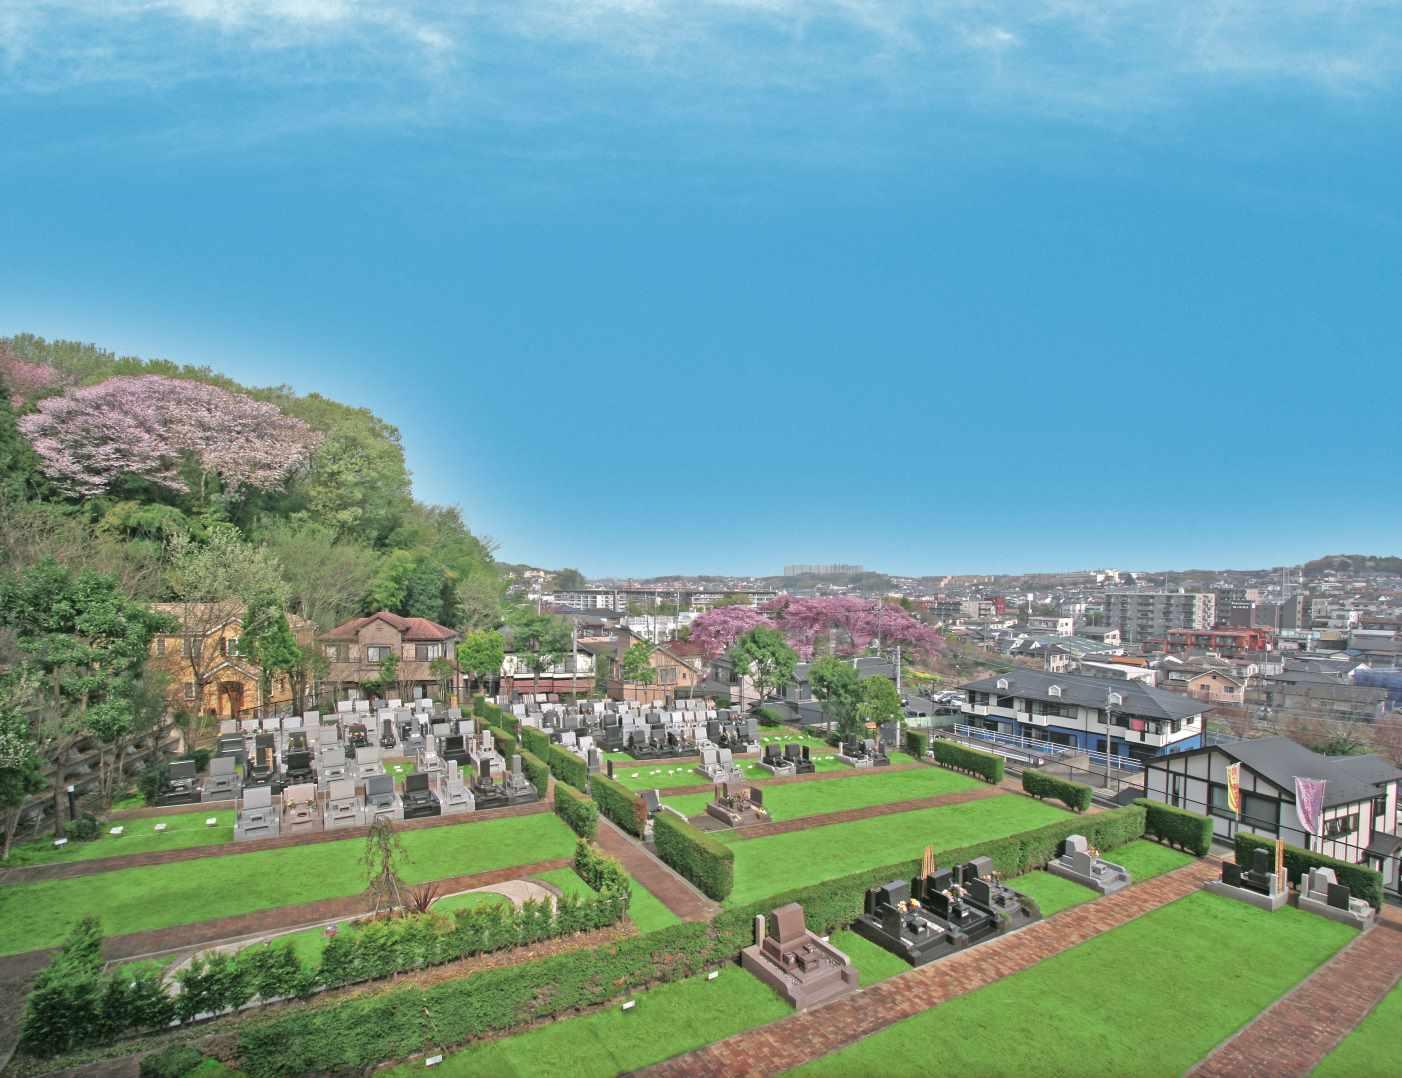 静林の丘 鶴ヶ峰霊園 日当たりが良く緑豊かな霊園全景